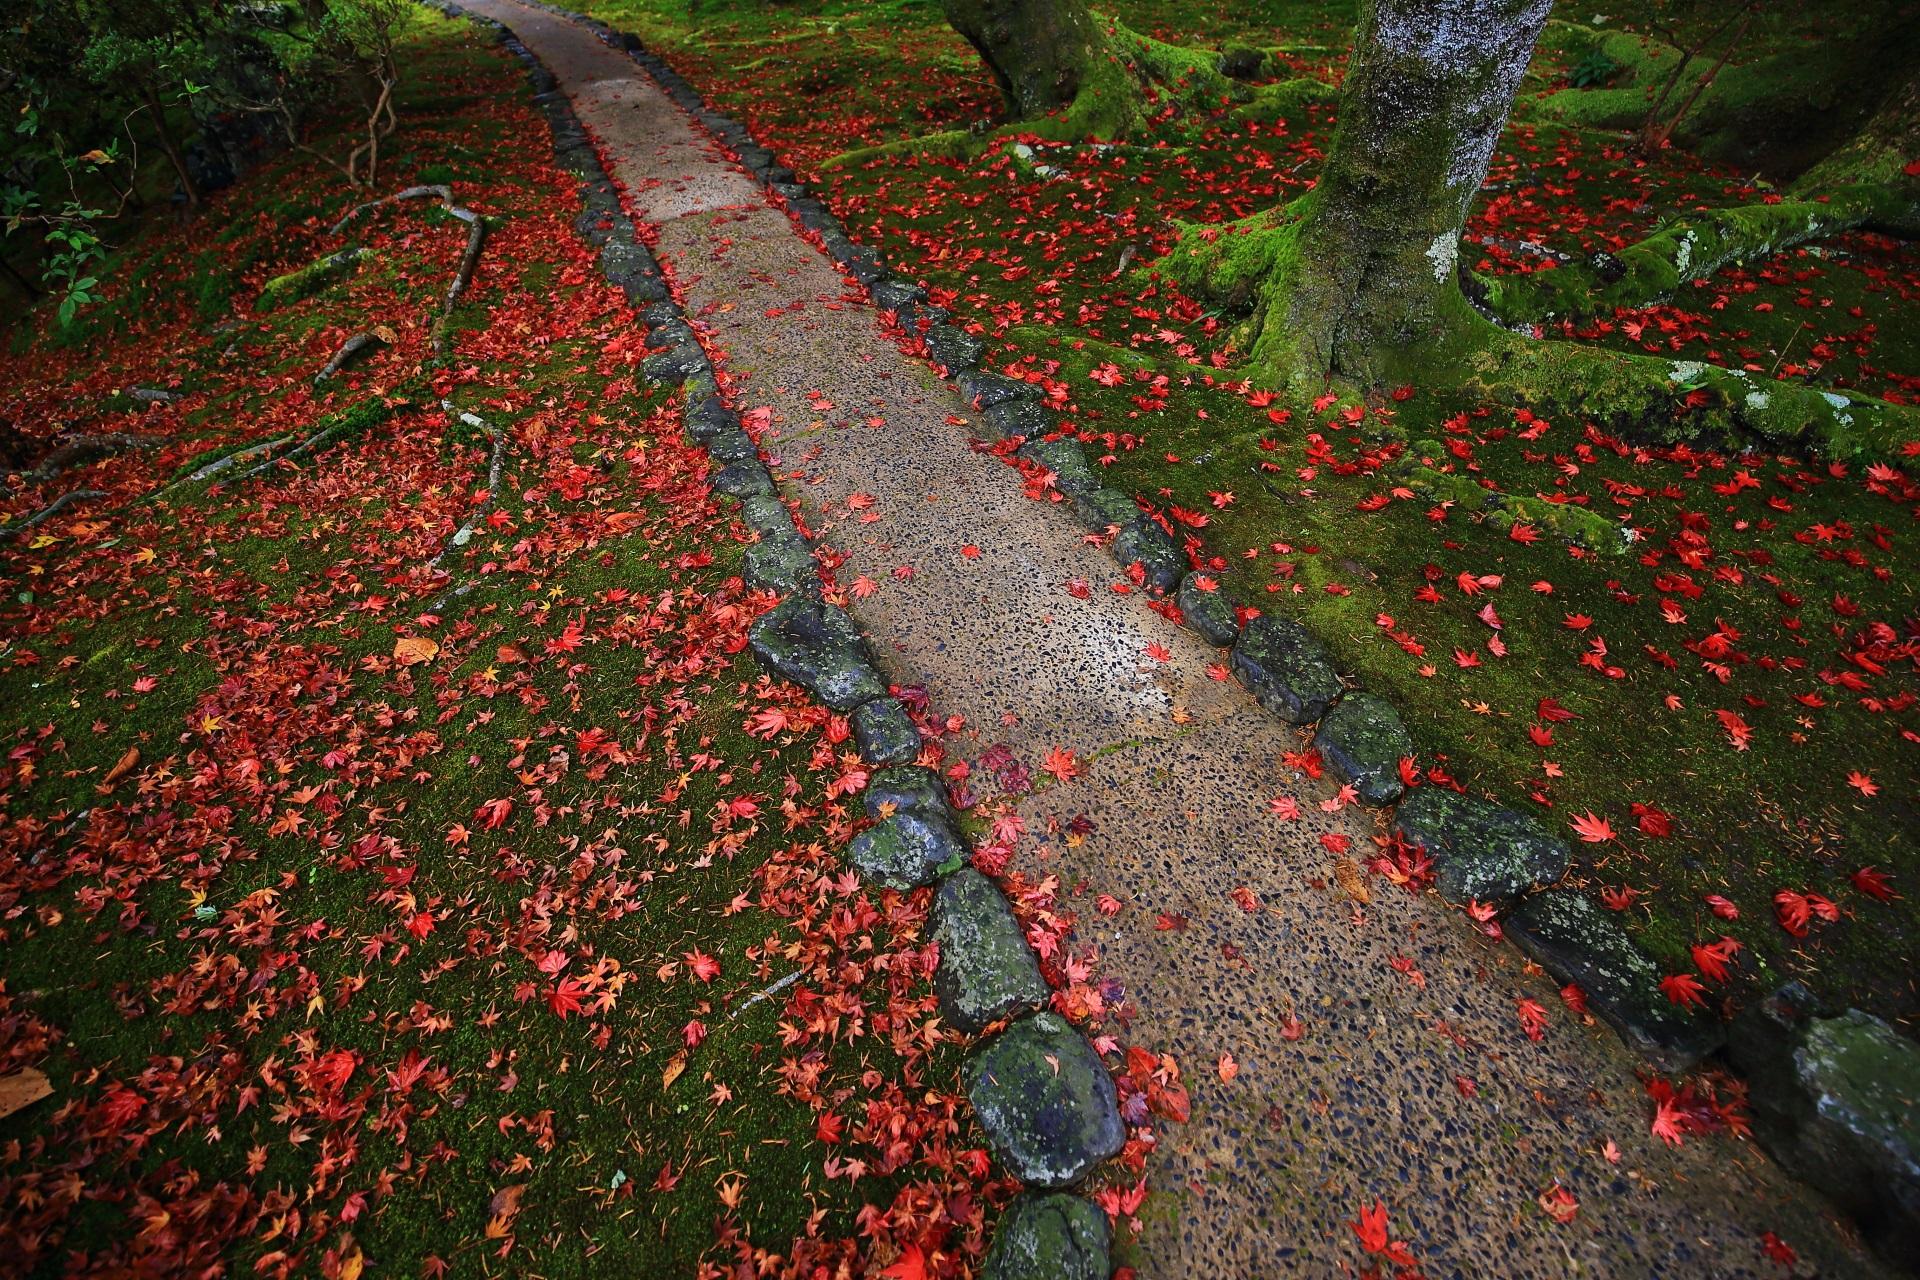 情緒ある参道と苔に溢れる散り紅葉